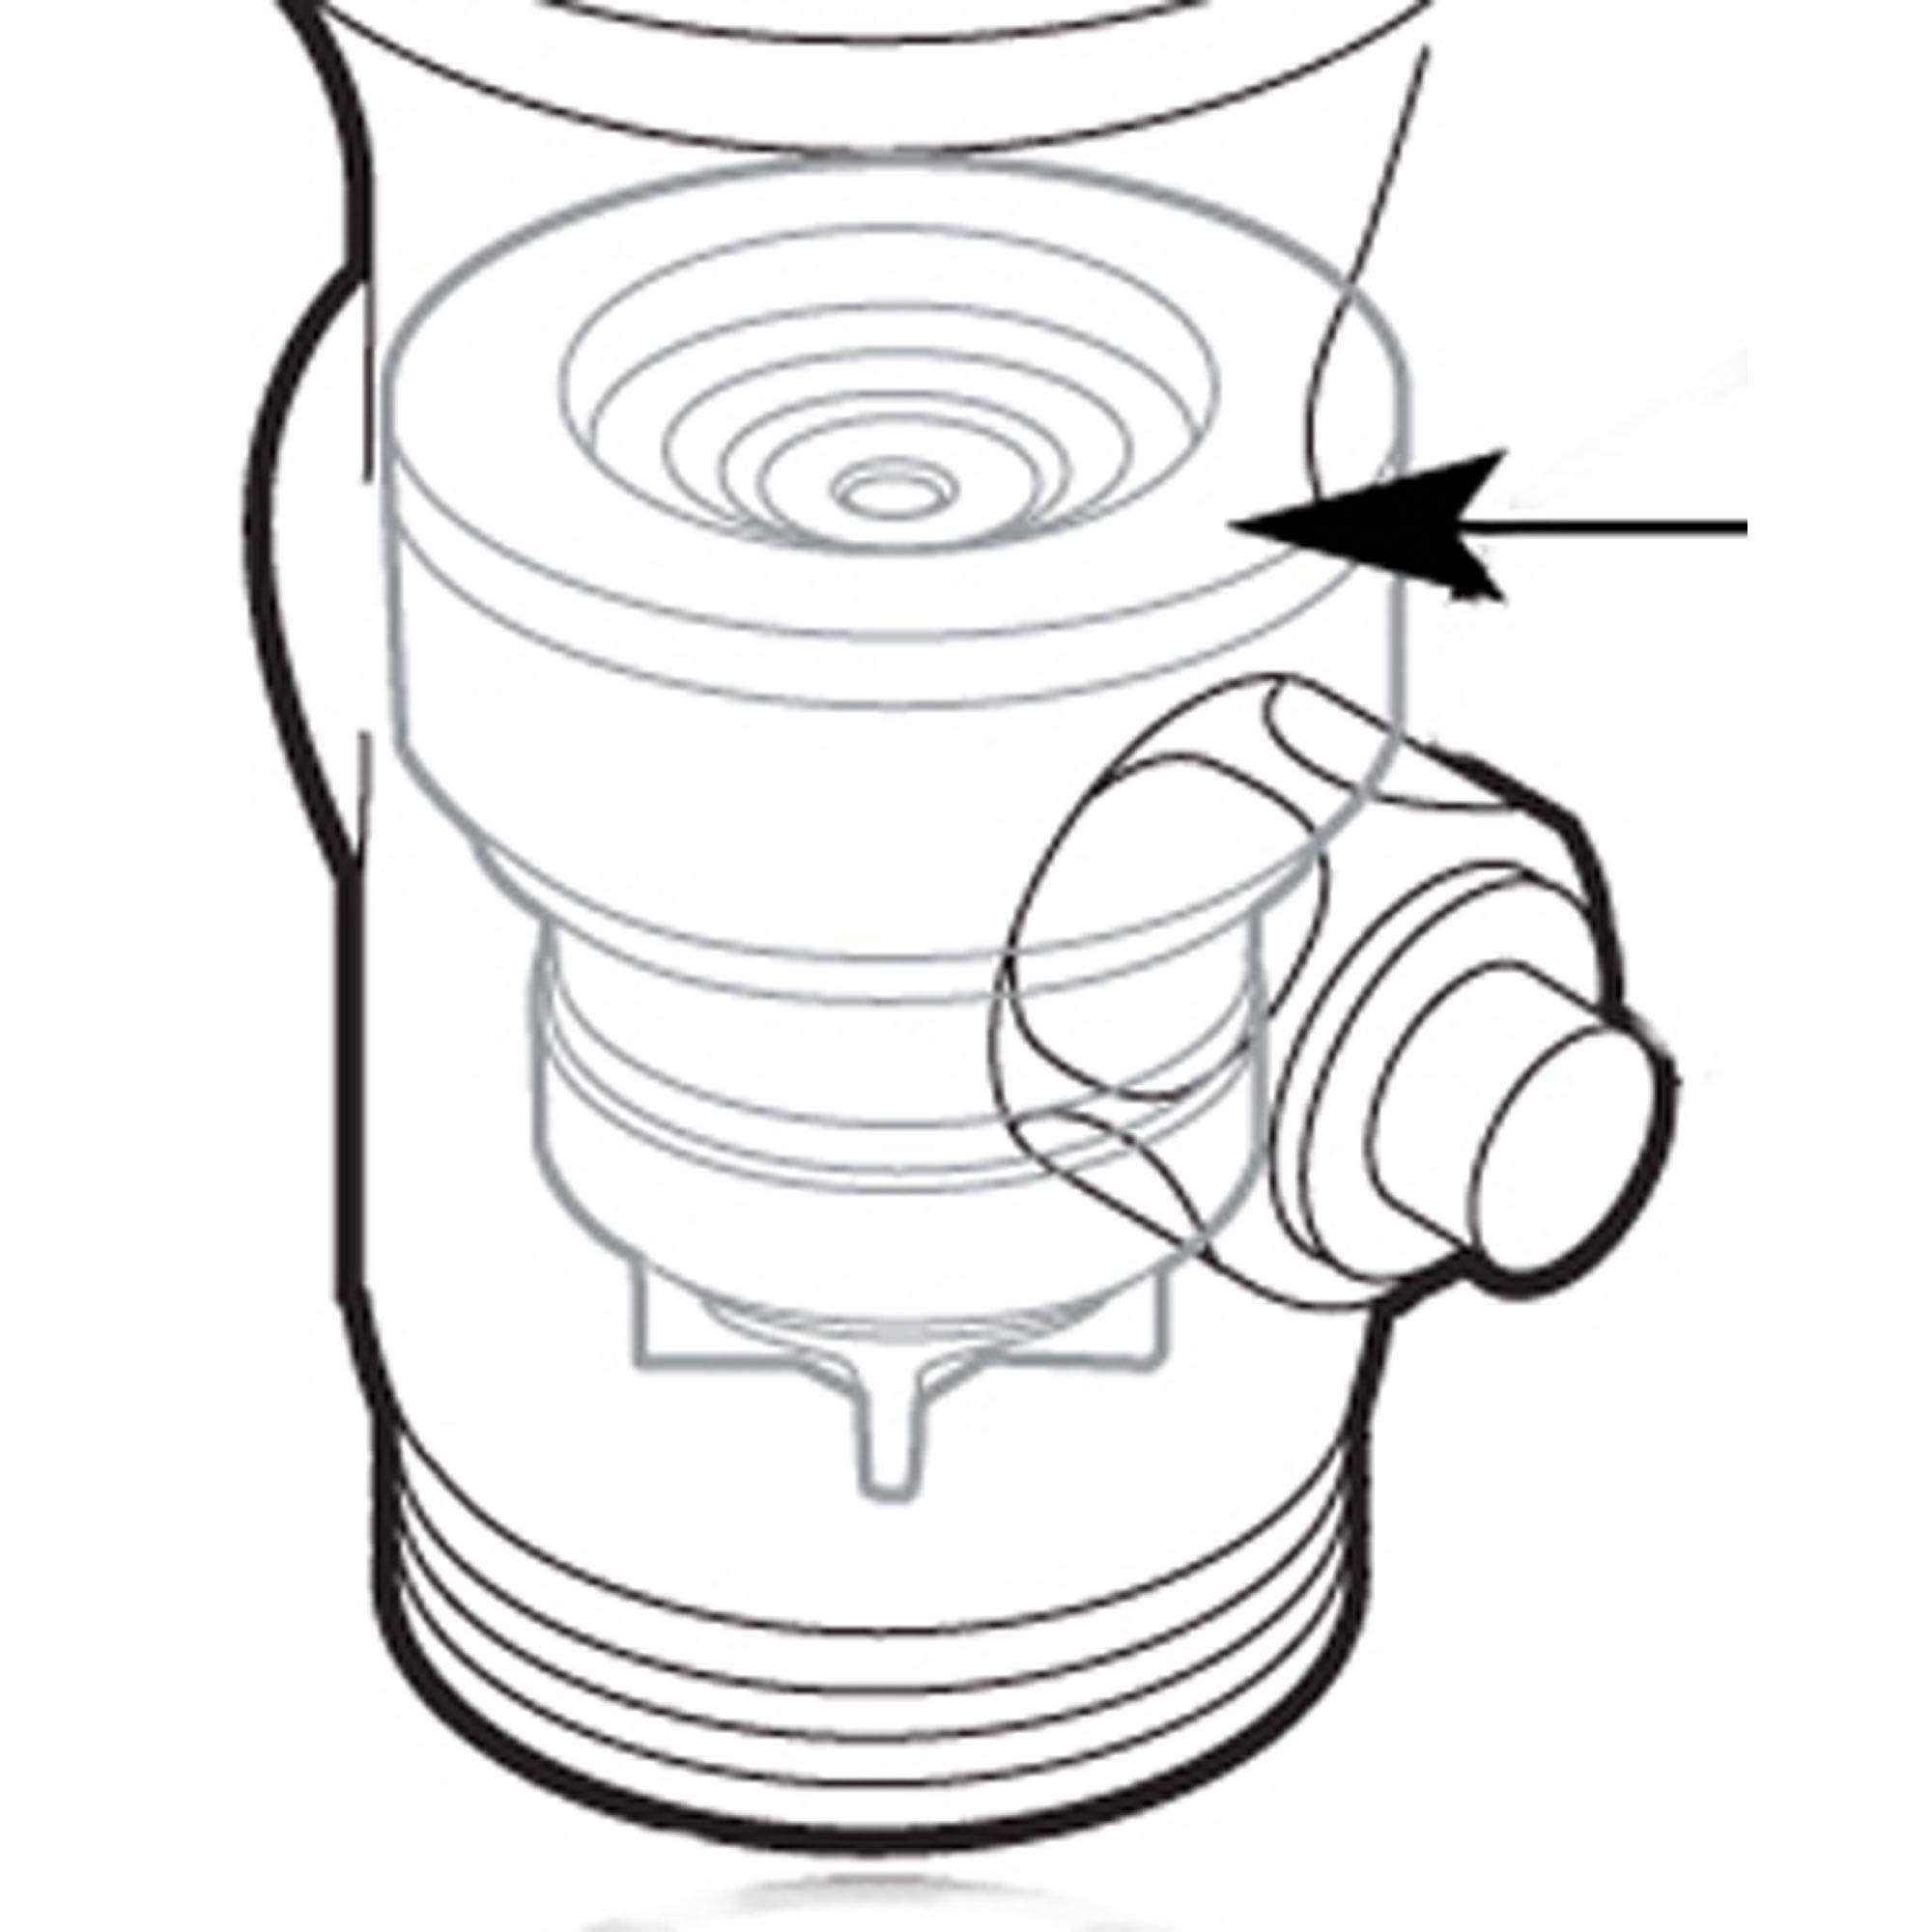 Moen 104437 Flush Valve Kit